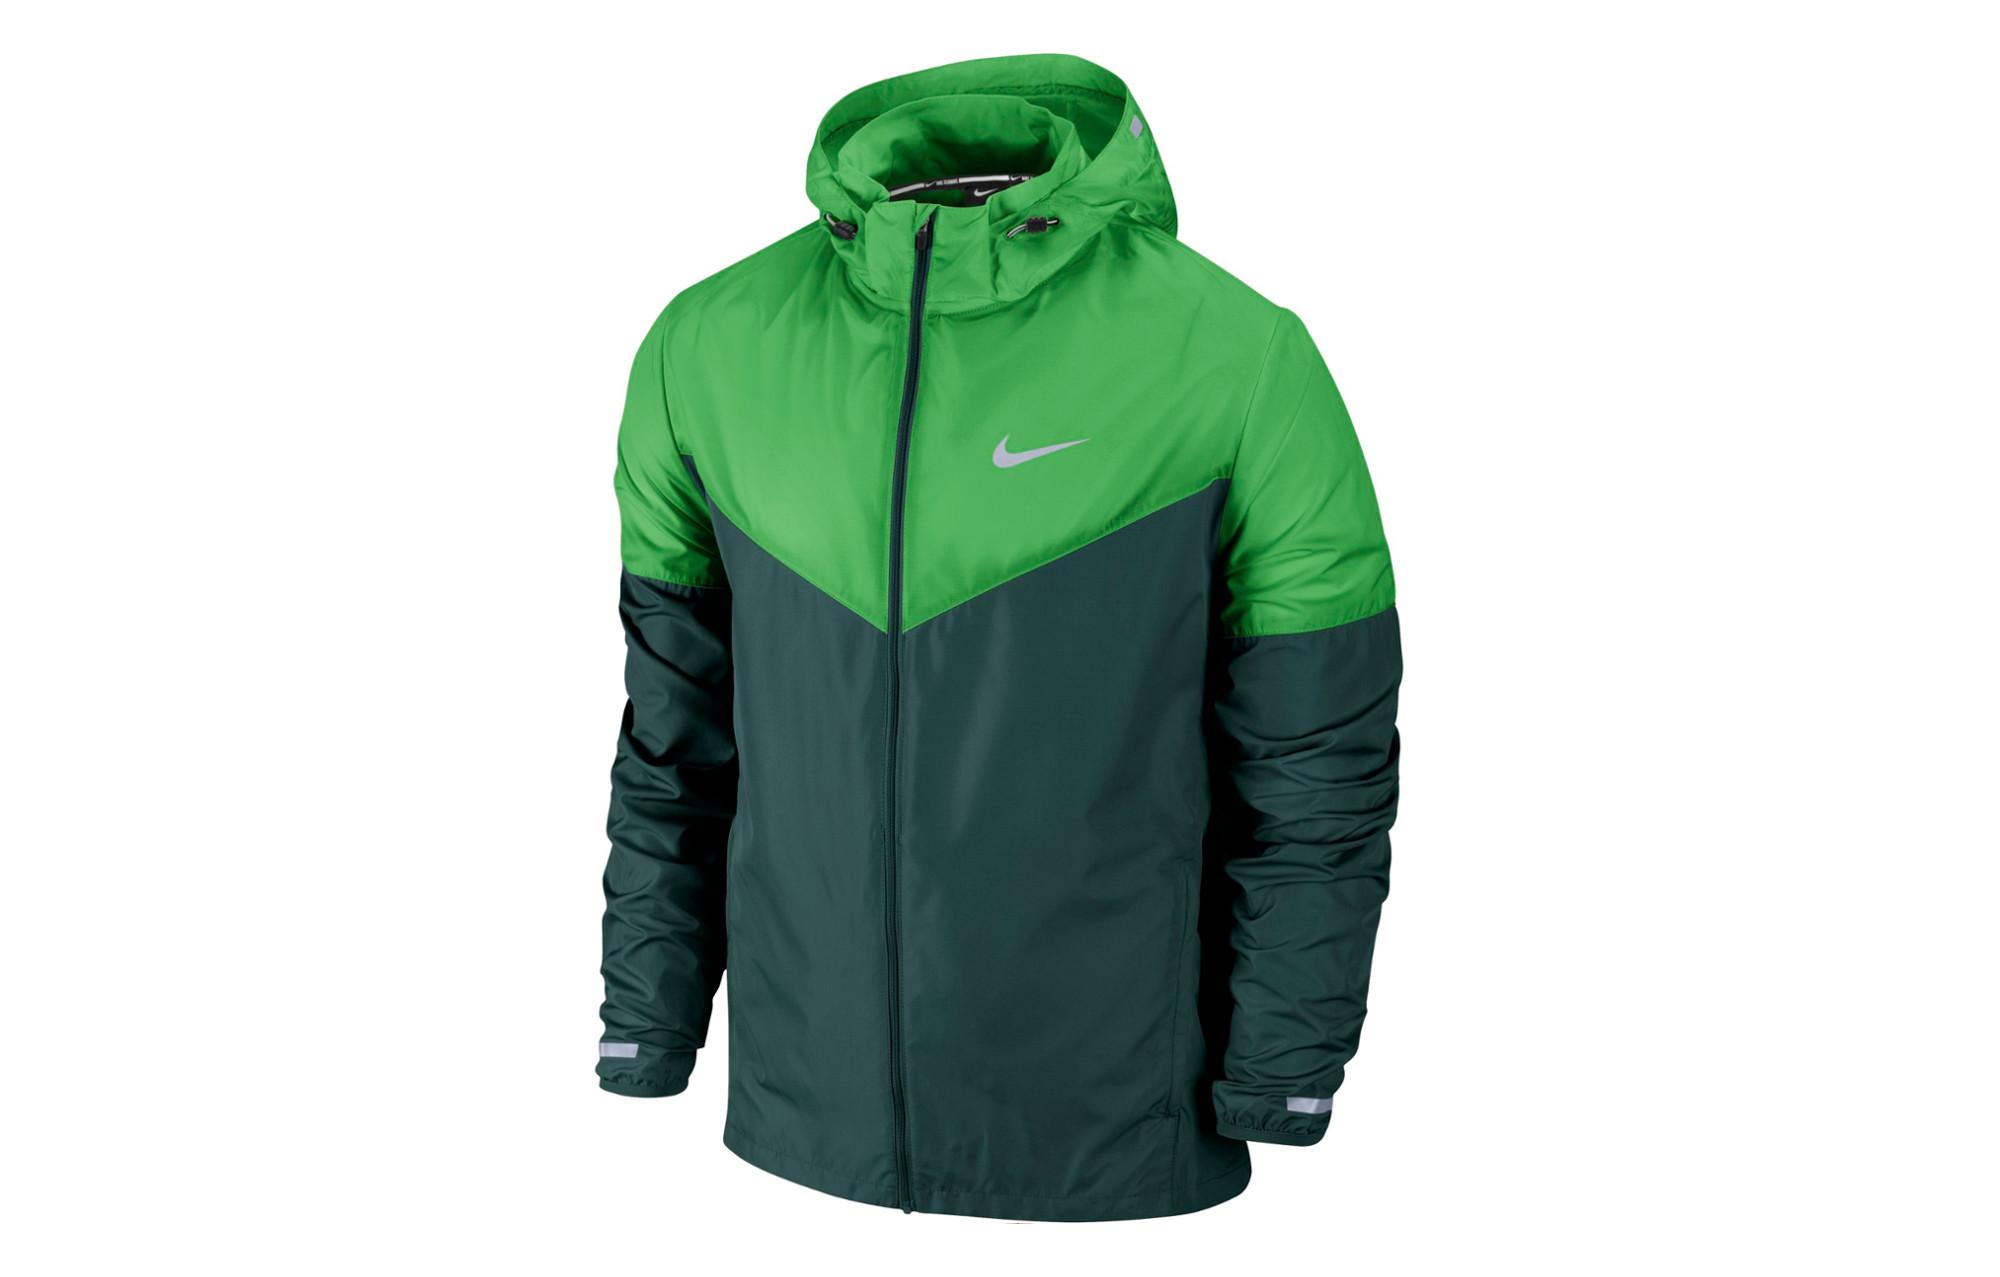 Nike Giacca It Tqf5wf Vapor Vento Alltricks A Uomo Da Verde P6aRTR